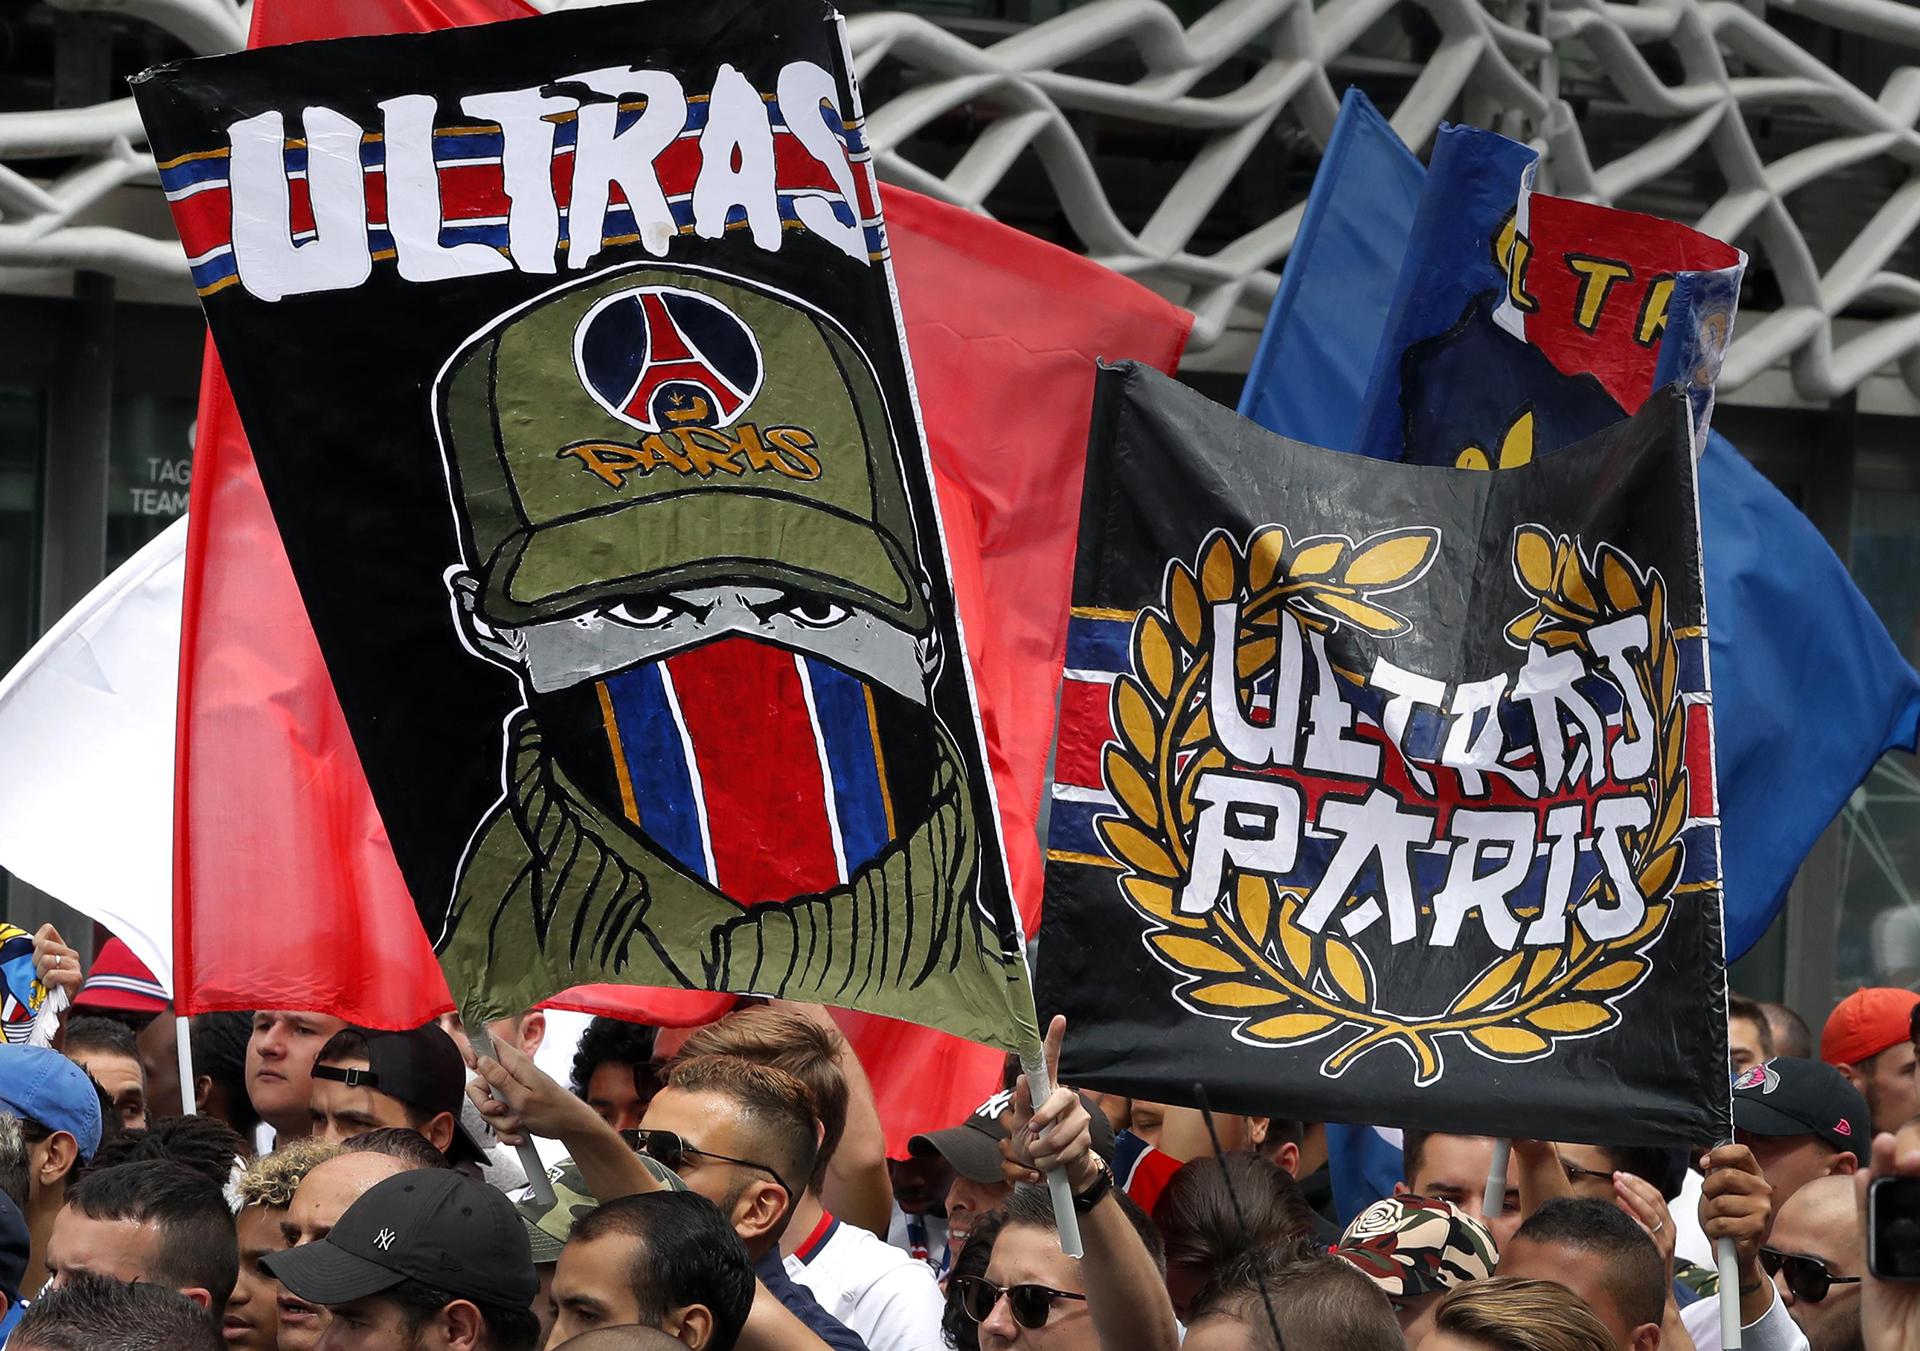 Los ultras del PSG han emitido un comunicado contra Neymar y el resto del equipo